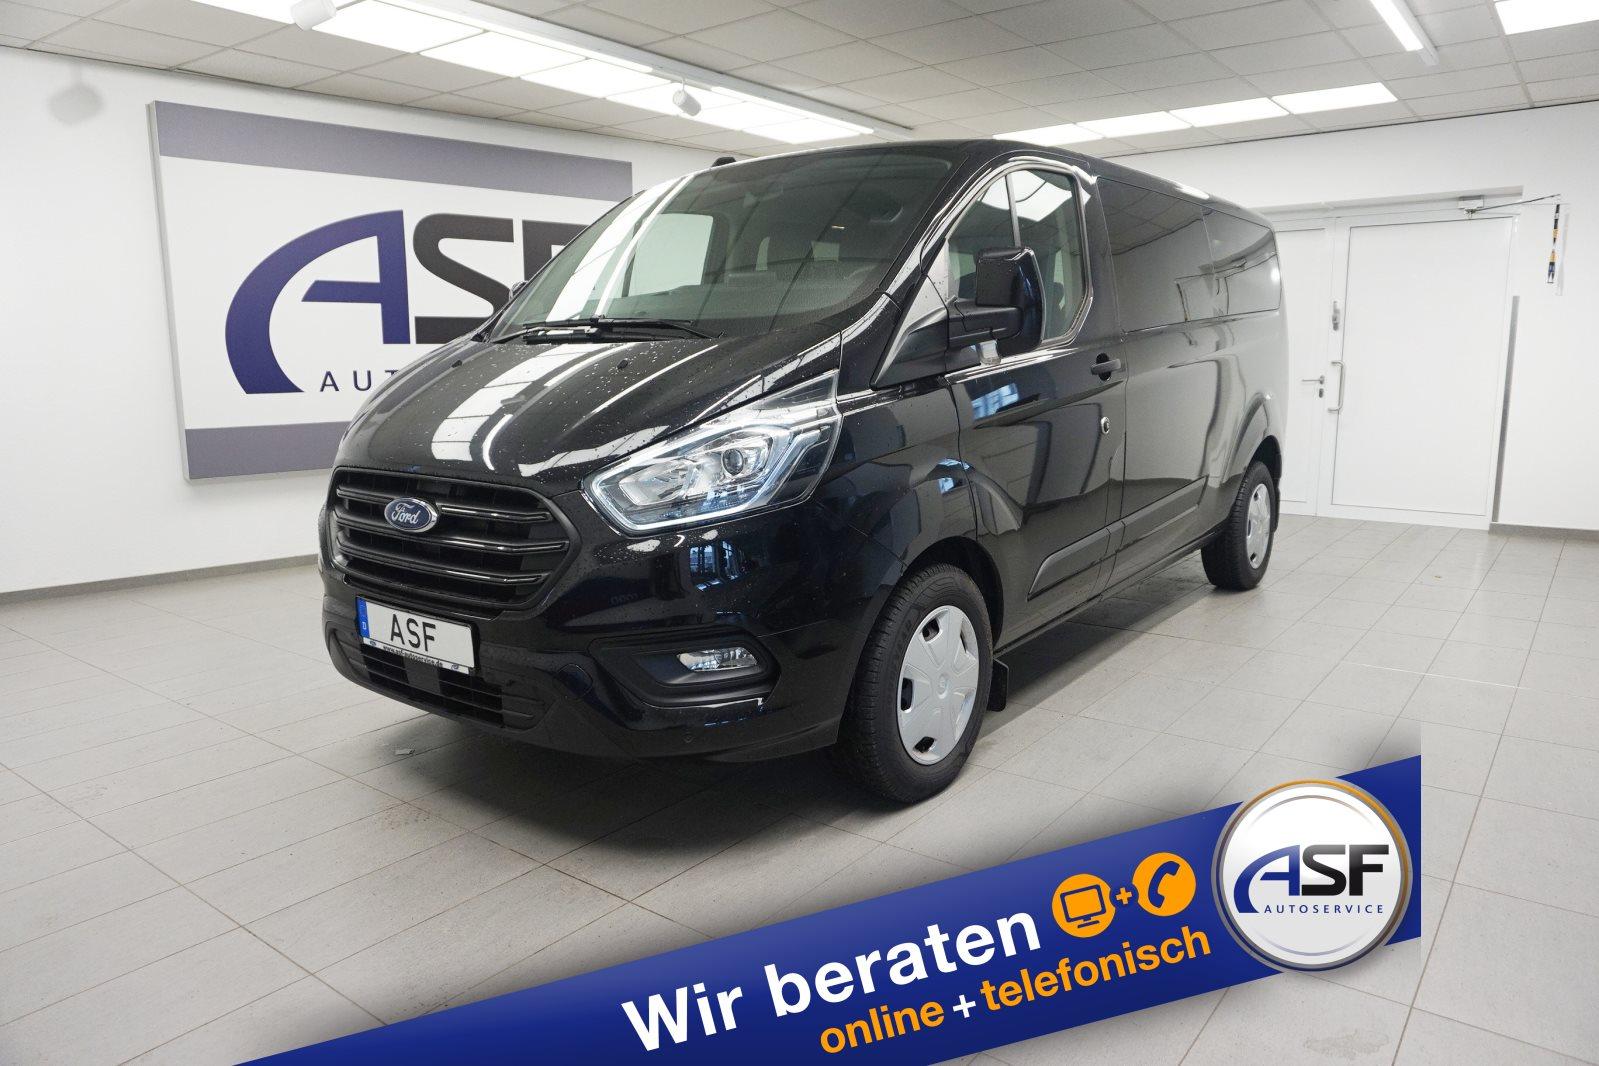 Ford Tourneo Custom /Transit Custom Kombi L2 Trend #Automatik #9 Sitze #Navi #DAB, Jahr 2020, Diesel